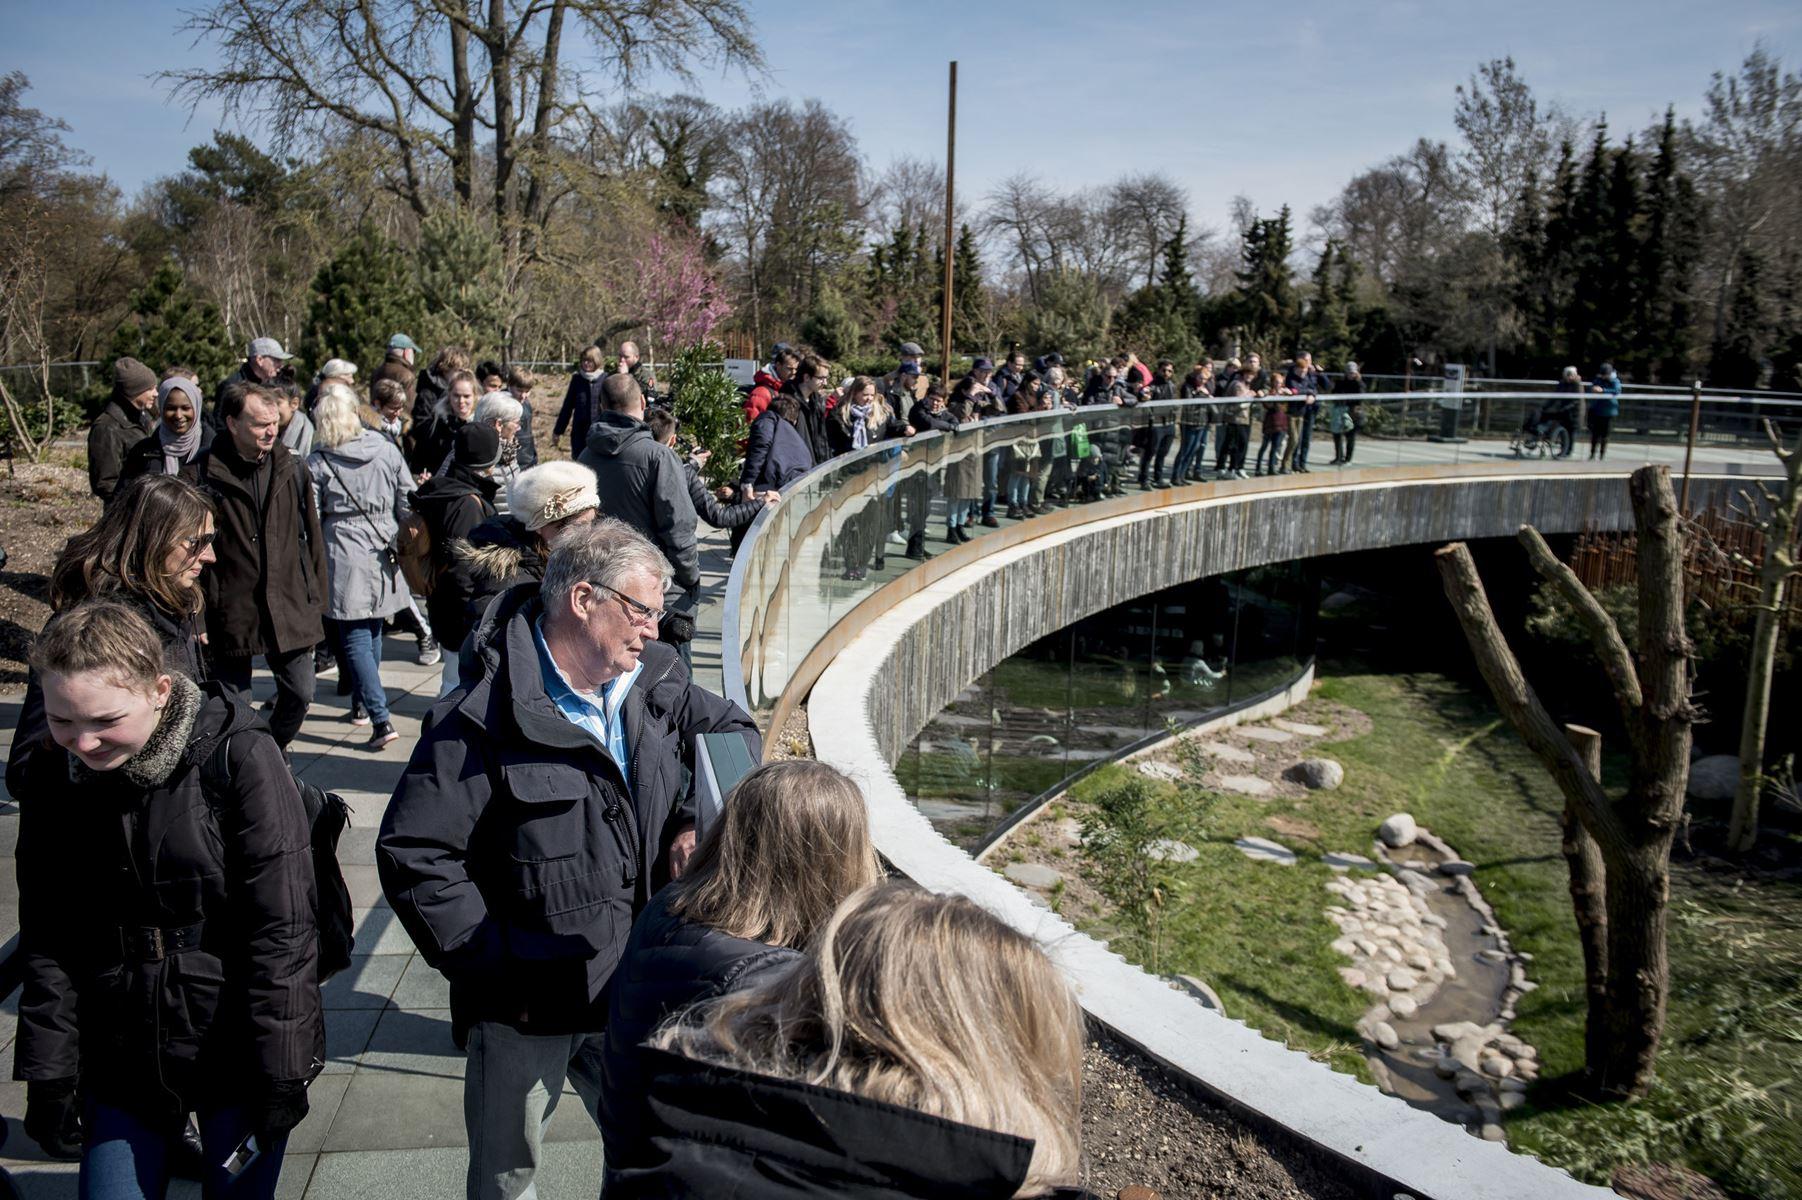 Der har været ekstra mange gæster i Zoologisk Have i København i påsken, efter at pandaerne er flyttet ind.